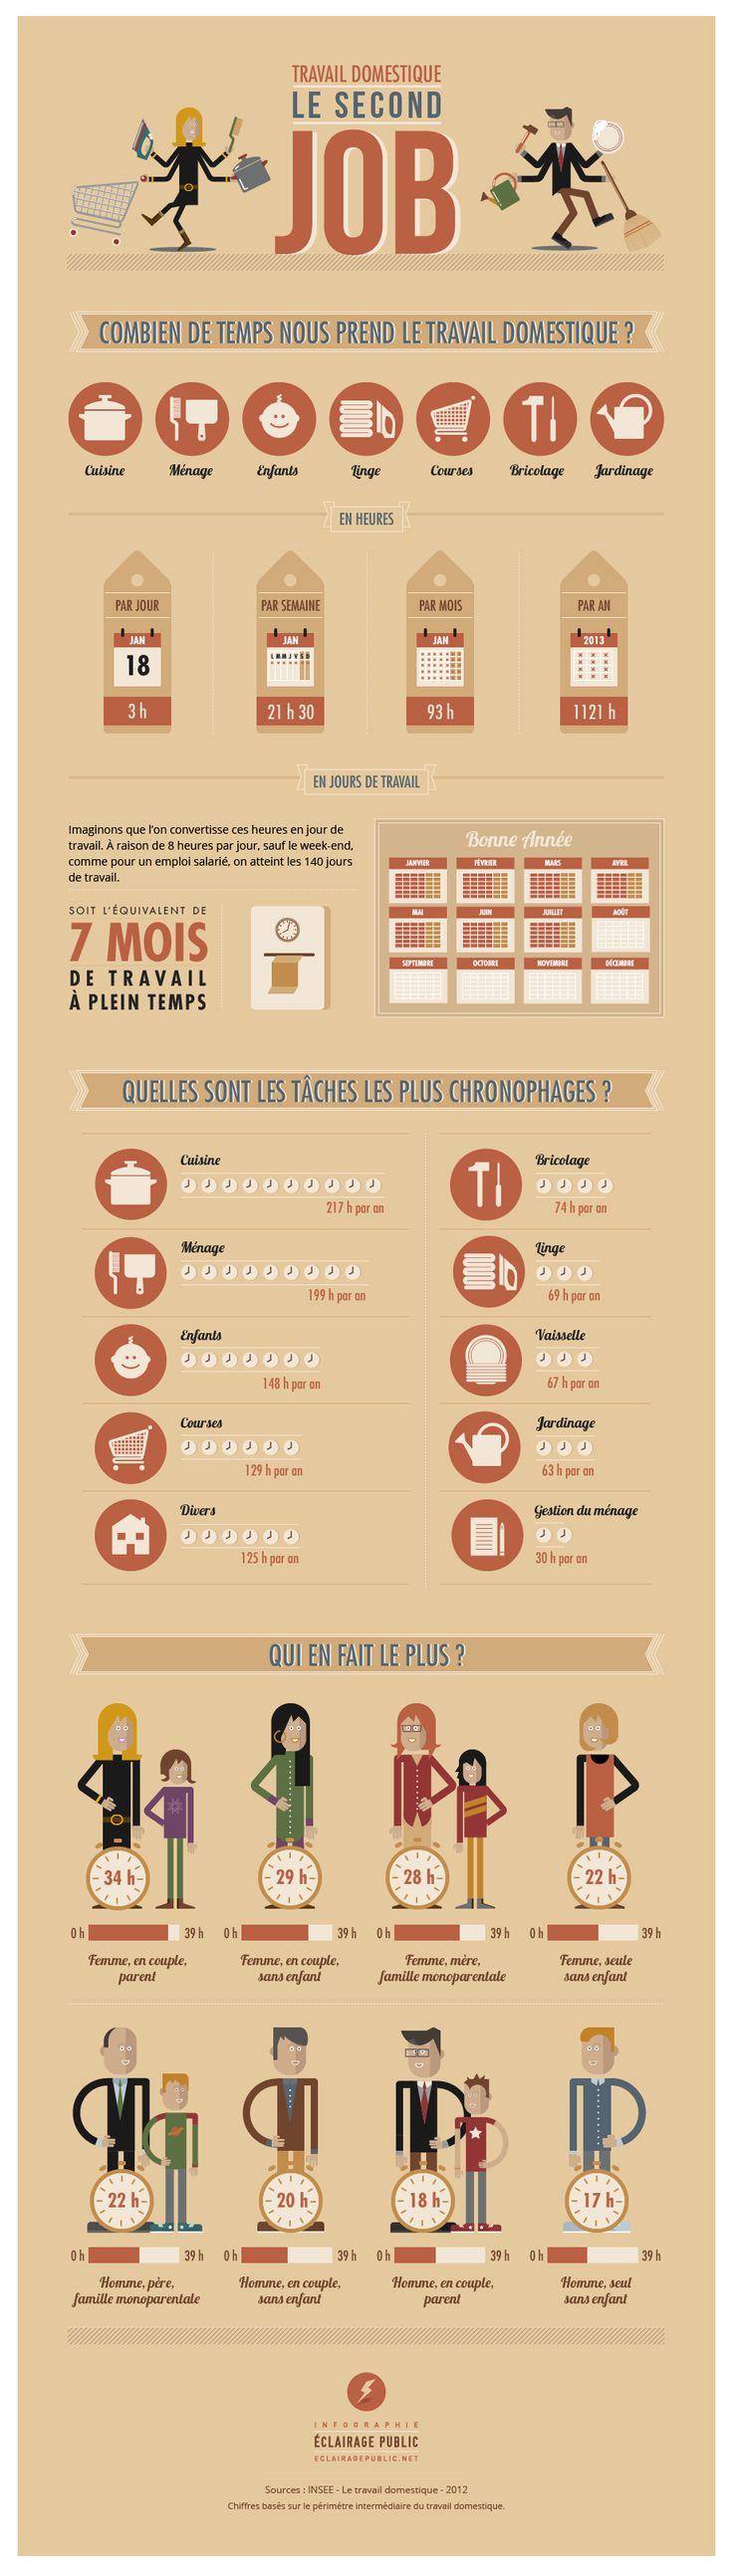 Travail domestique : le second job © Infographie ÉCLAIRAGE PUBLIC